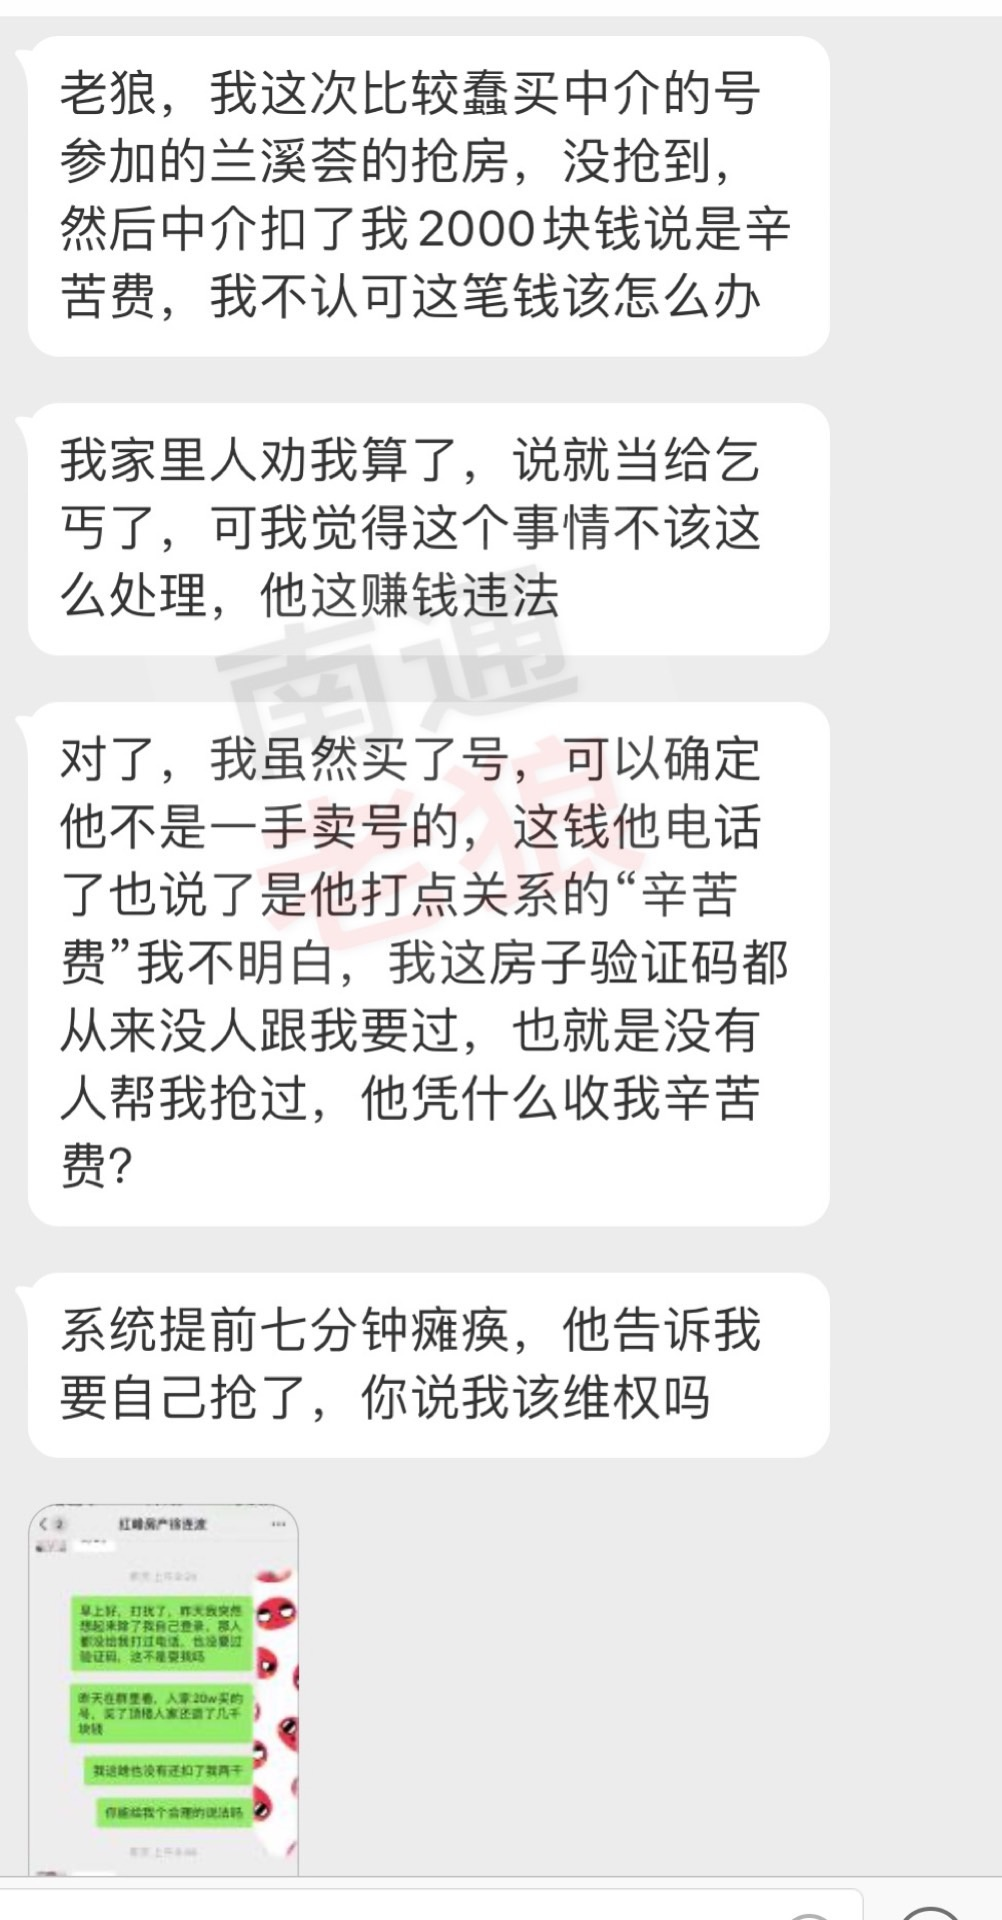 网友:在寒风中,拥挤在兰溪荟锁资摇号大军里的,绝不都是炒房客